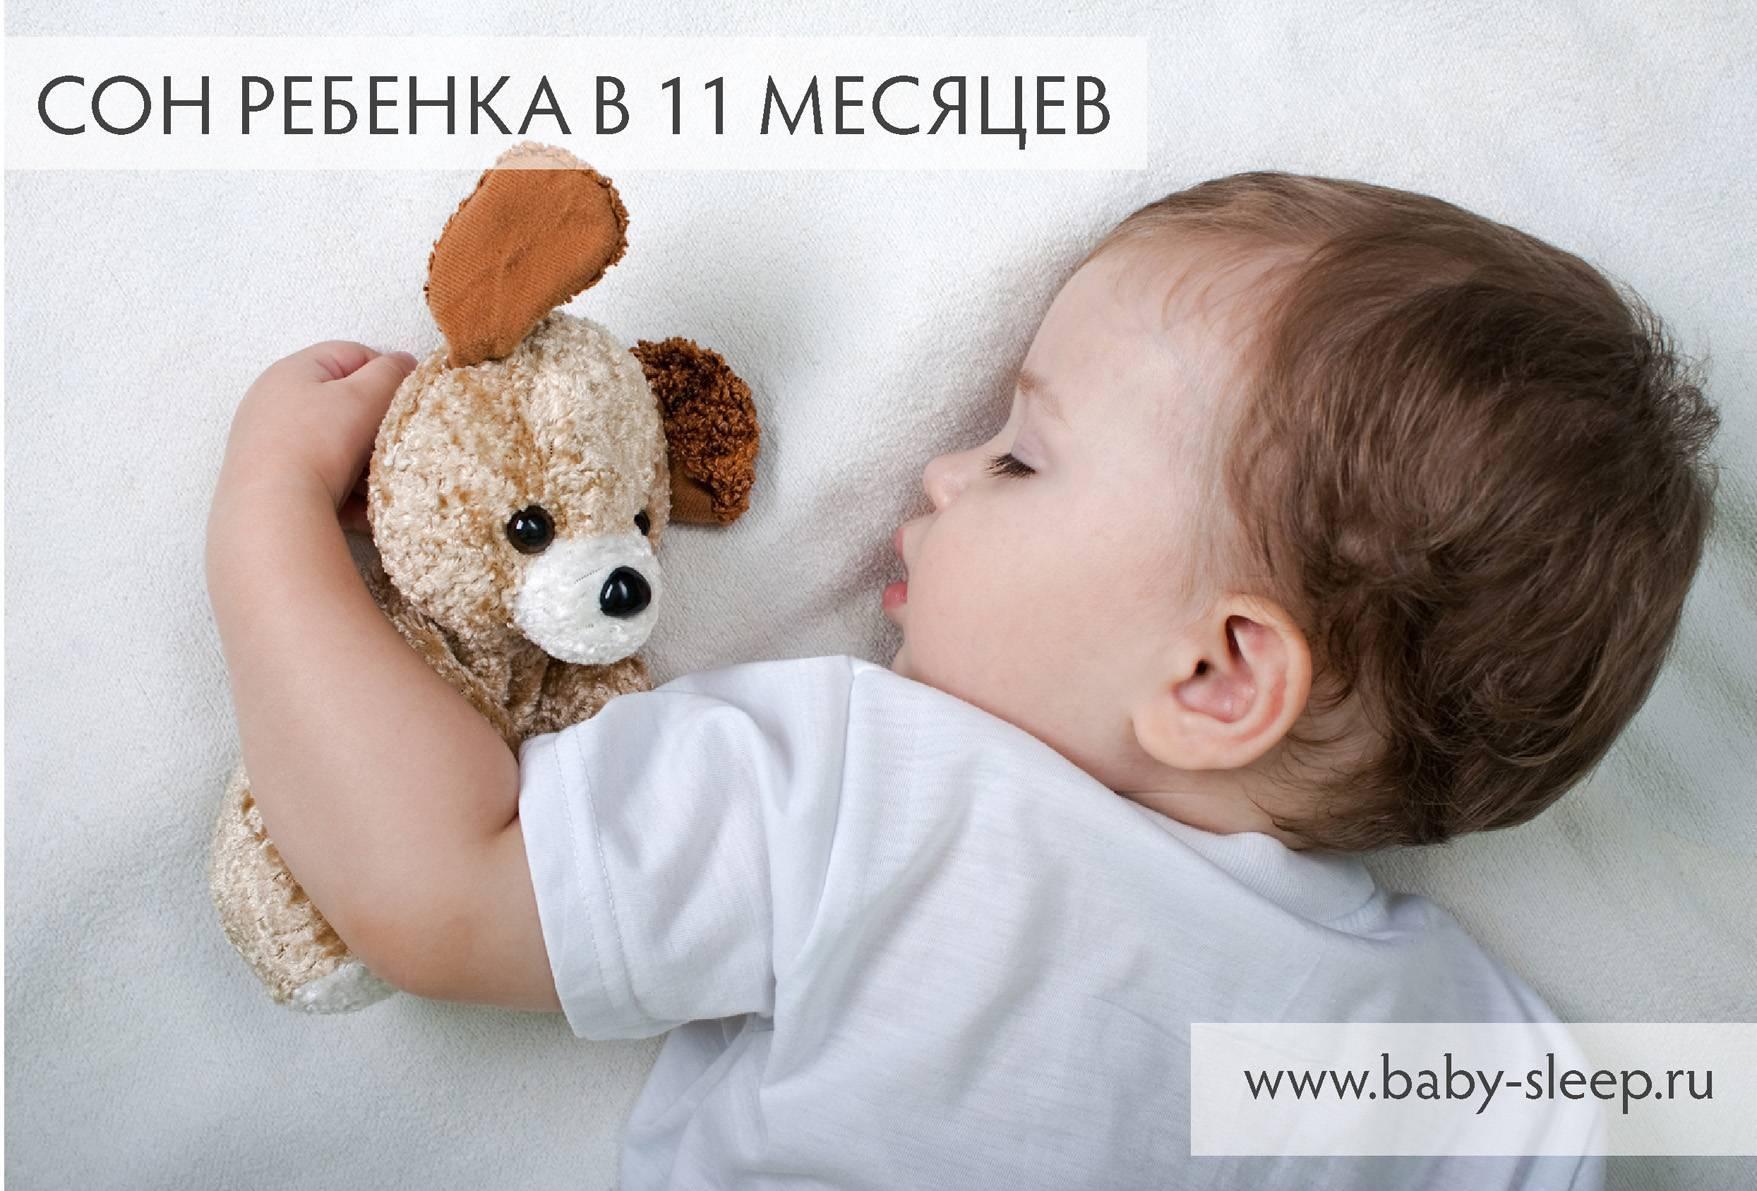 Помехи для нормального дневного сна у детей в возрасте двух месяцев